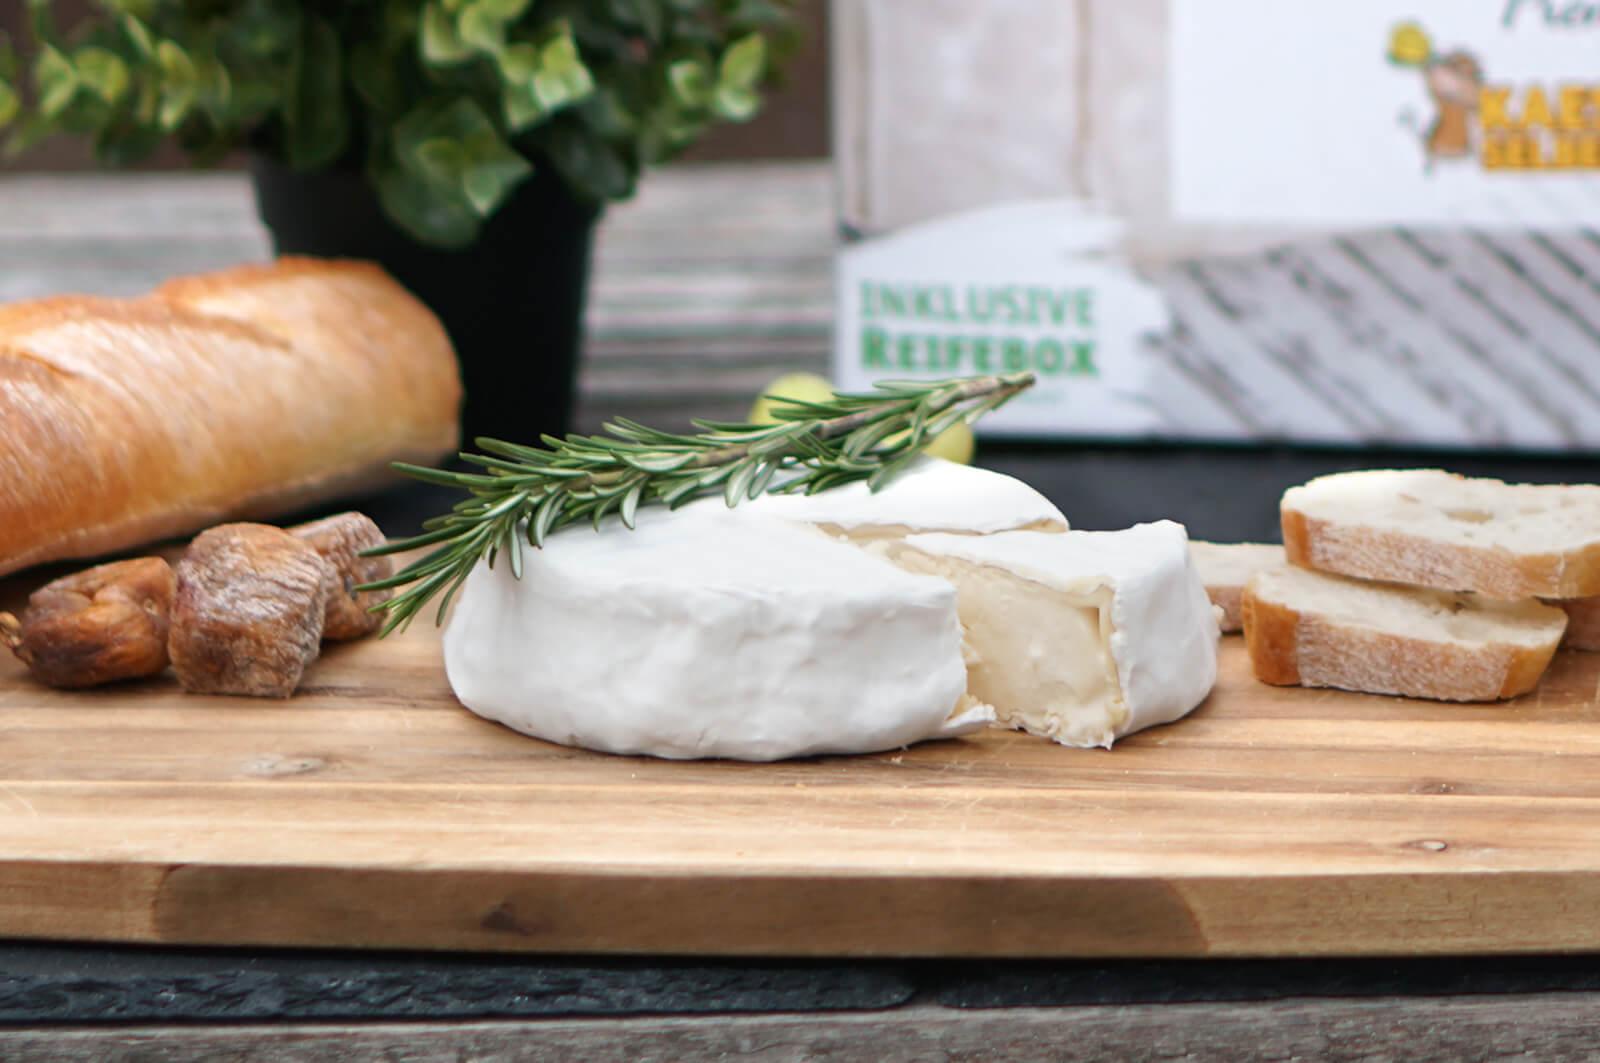 Käse selber machen - Weichkäse (Camembert)